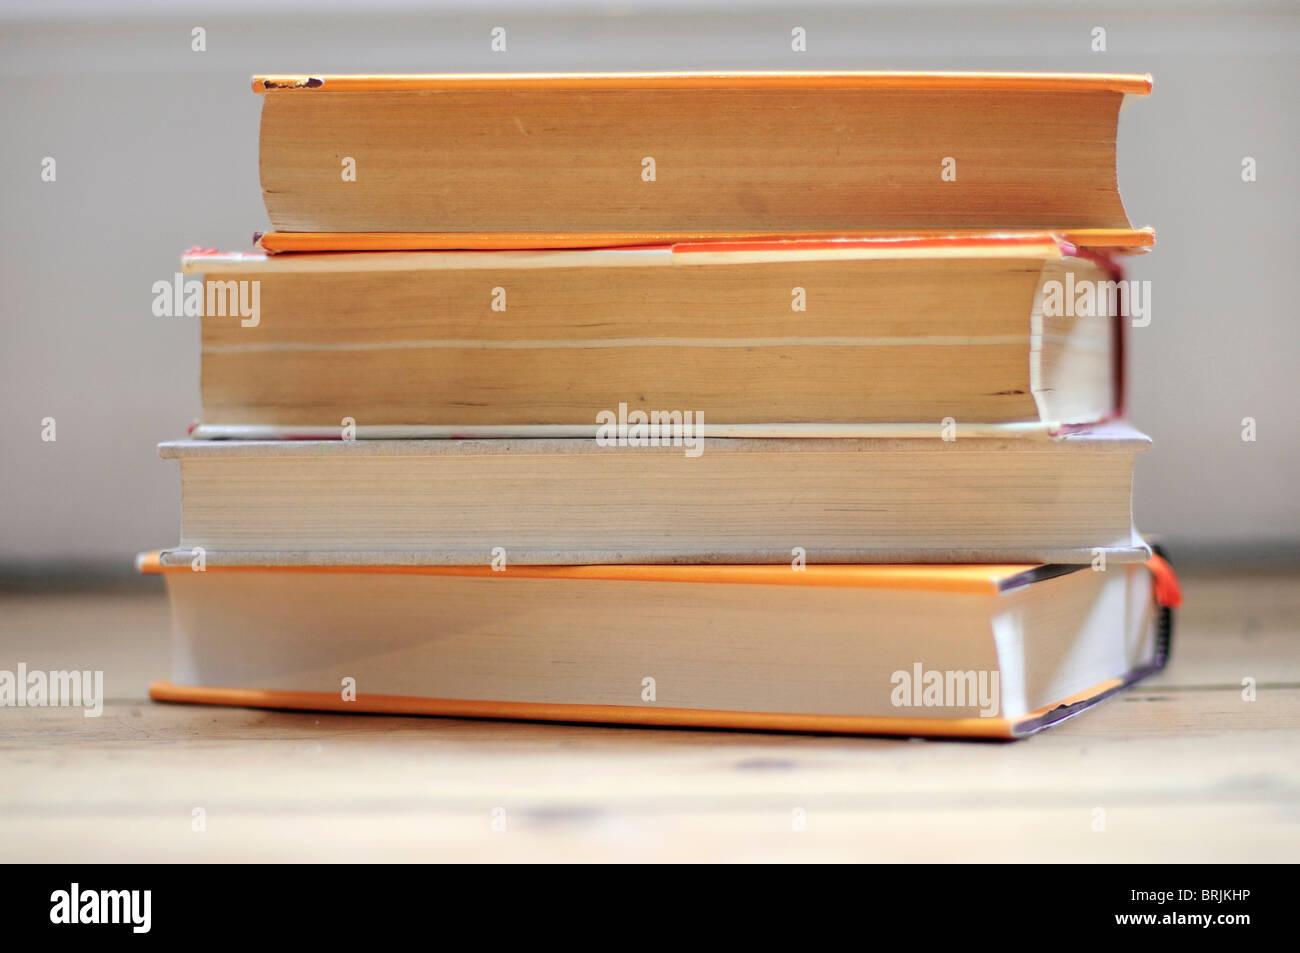 Les livres empilés, close-up Photo Stock